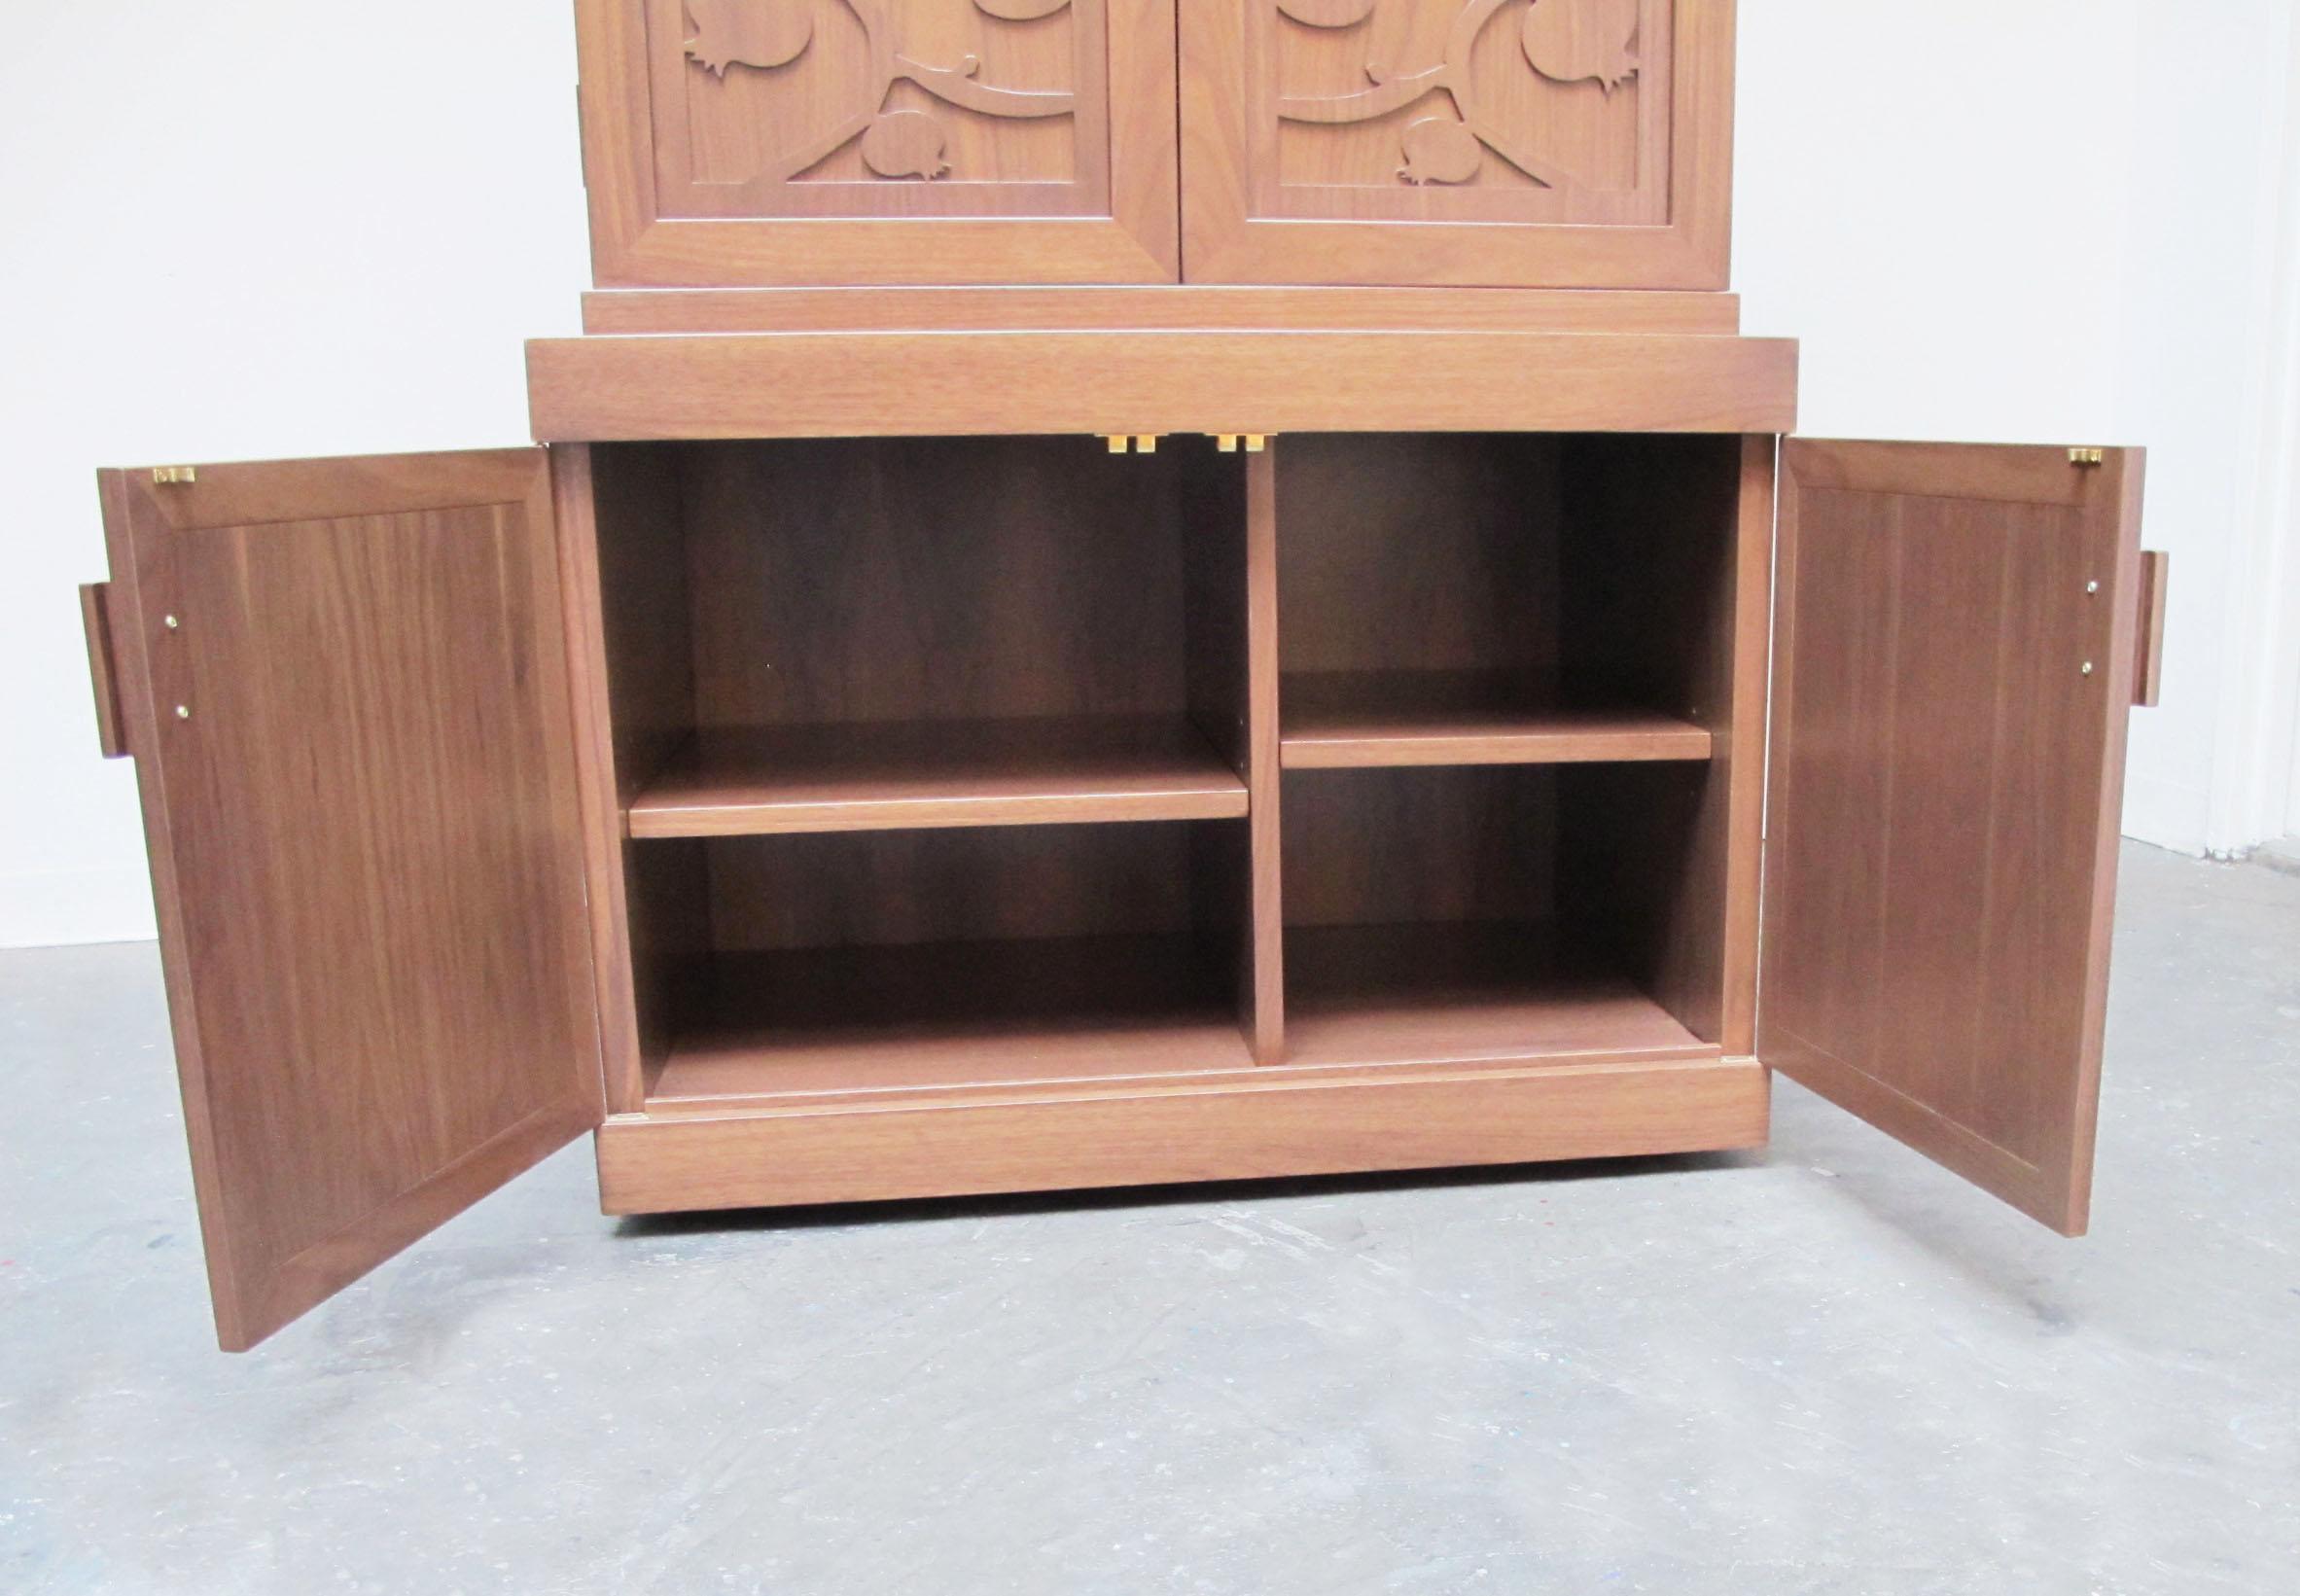 Storage Space below the Torah Ark